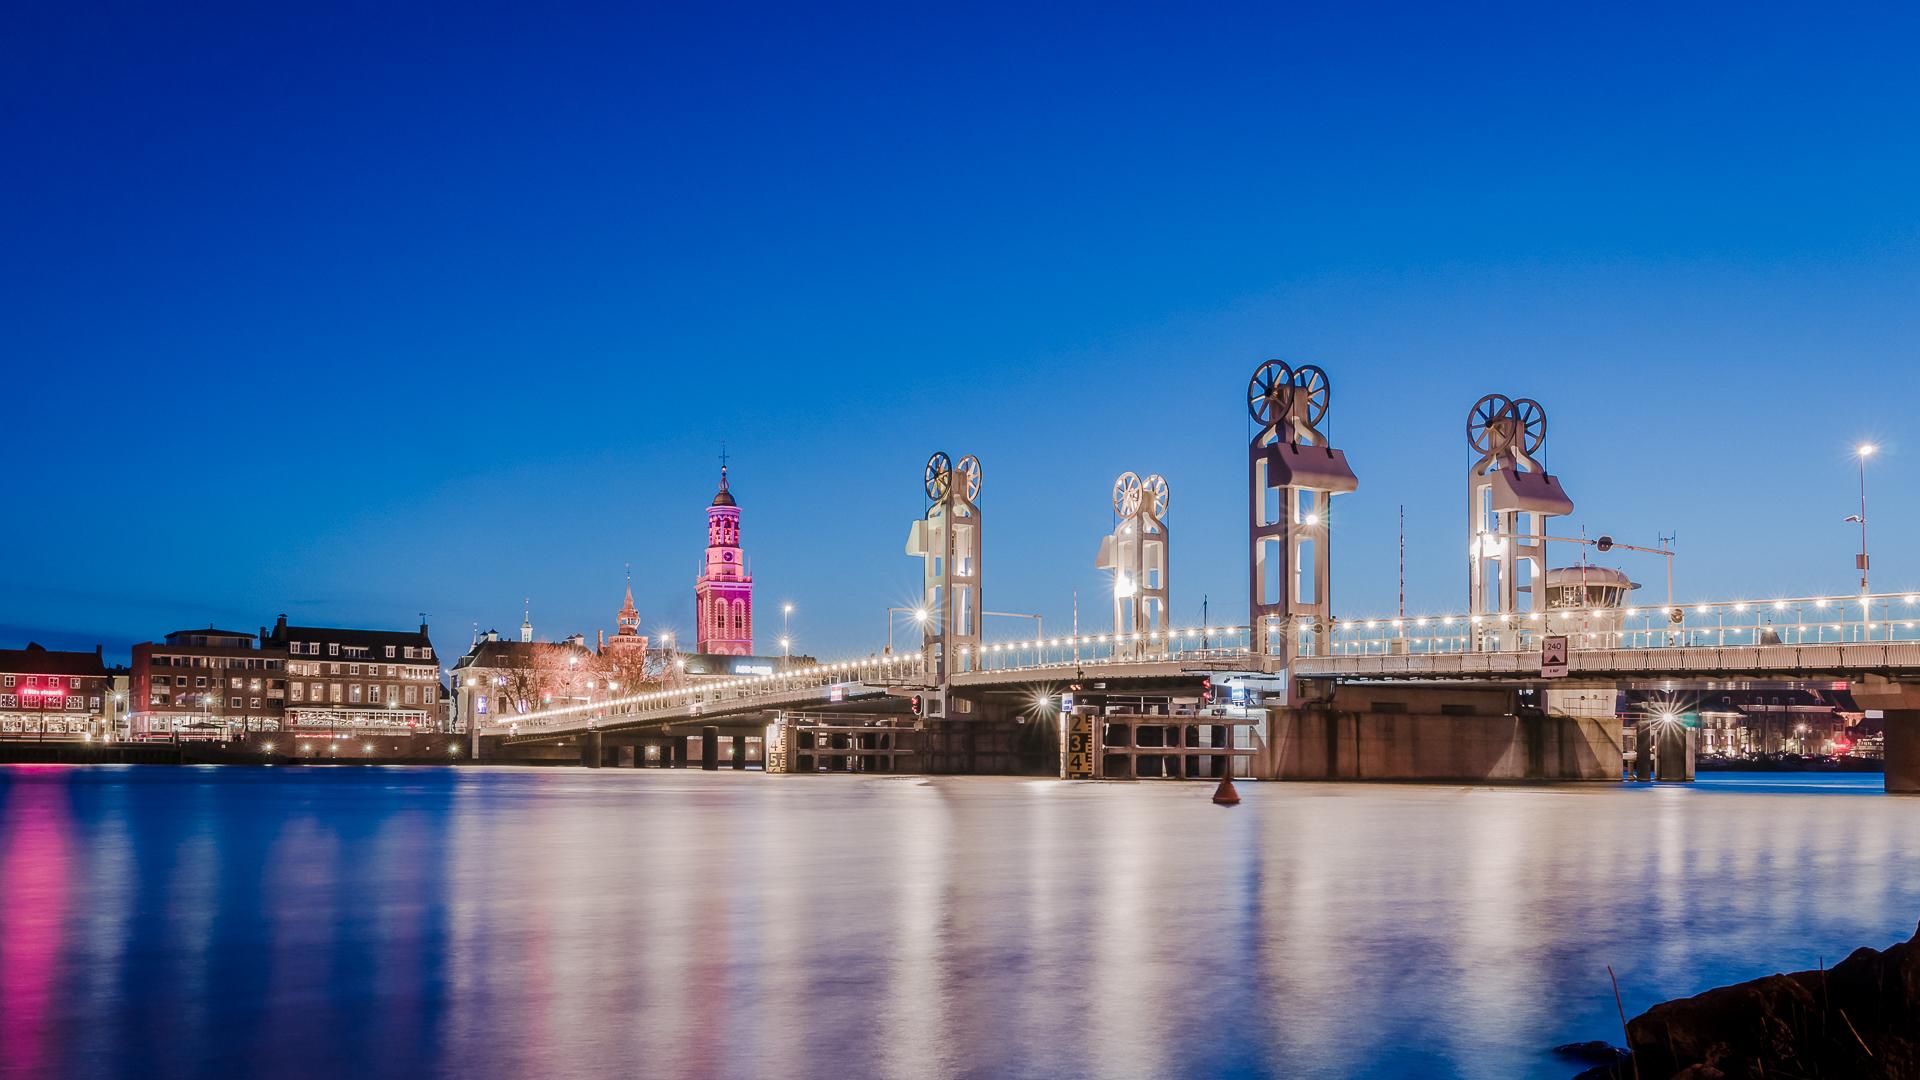 Avondfoto verlichte stadsbrug ijssel bij Kampen - Overijssel